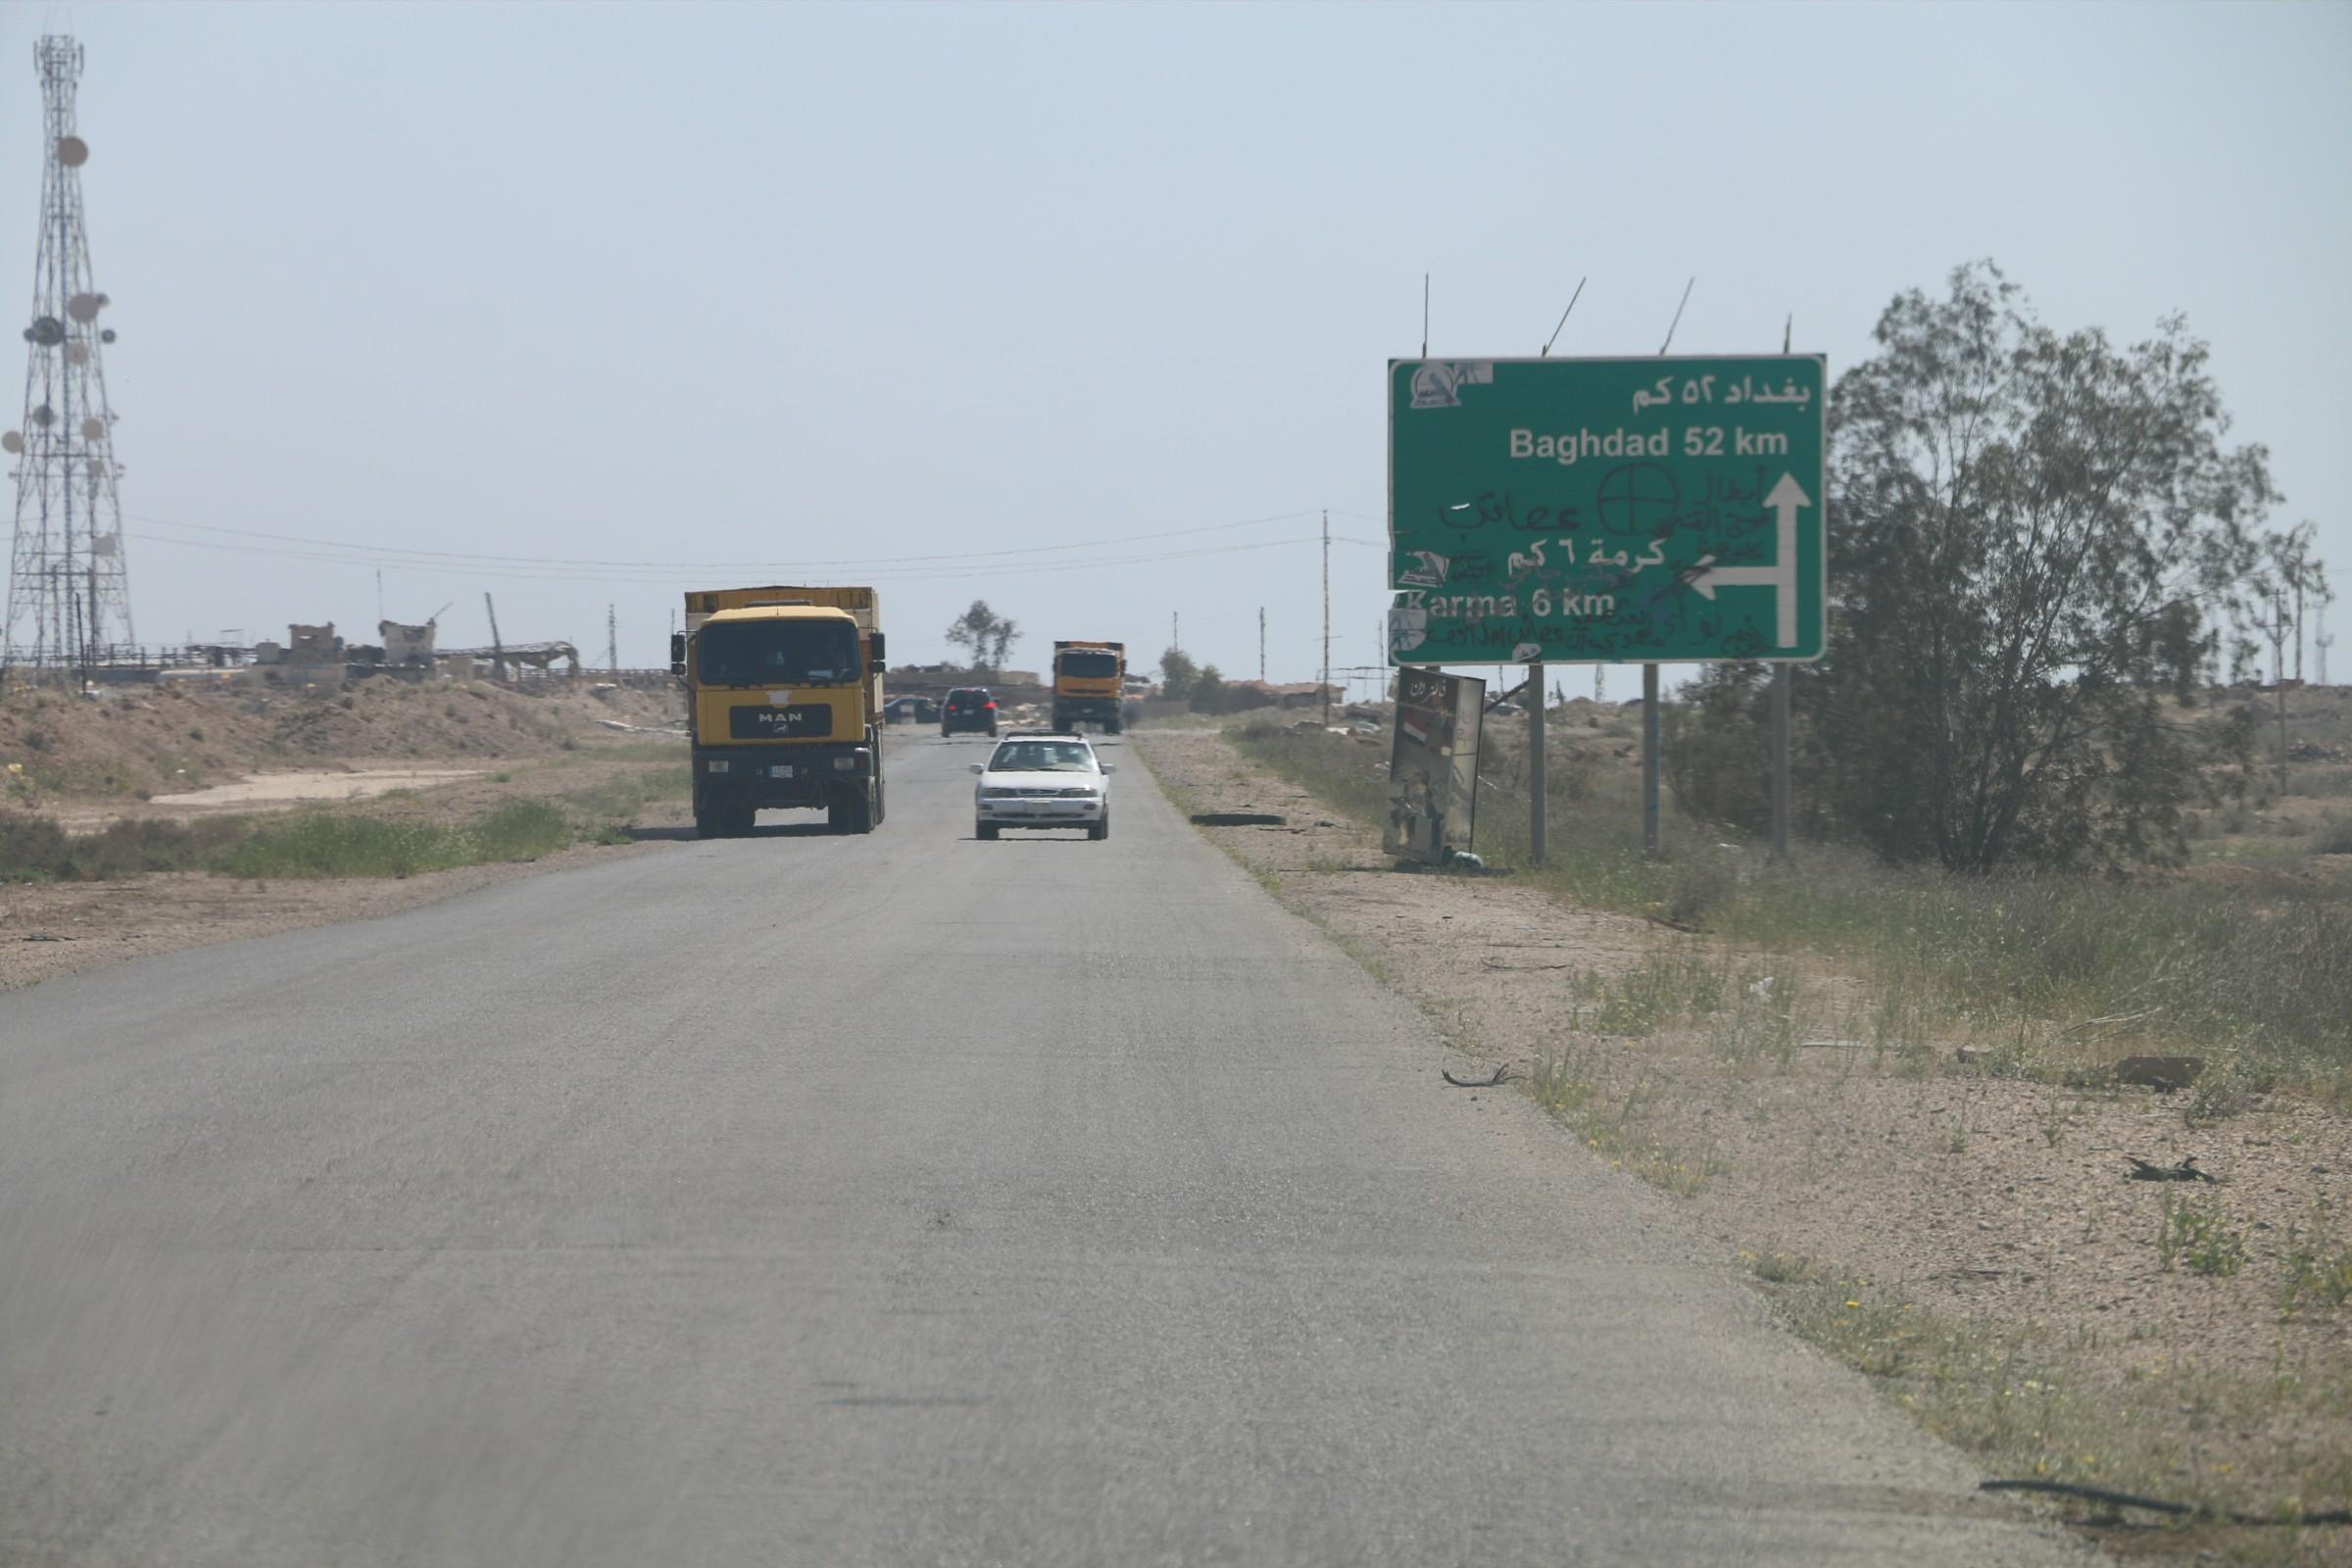 المباشرة بإعادة تأهيل طريق بغداد – فلوجة القديم